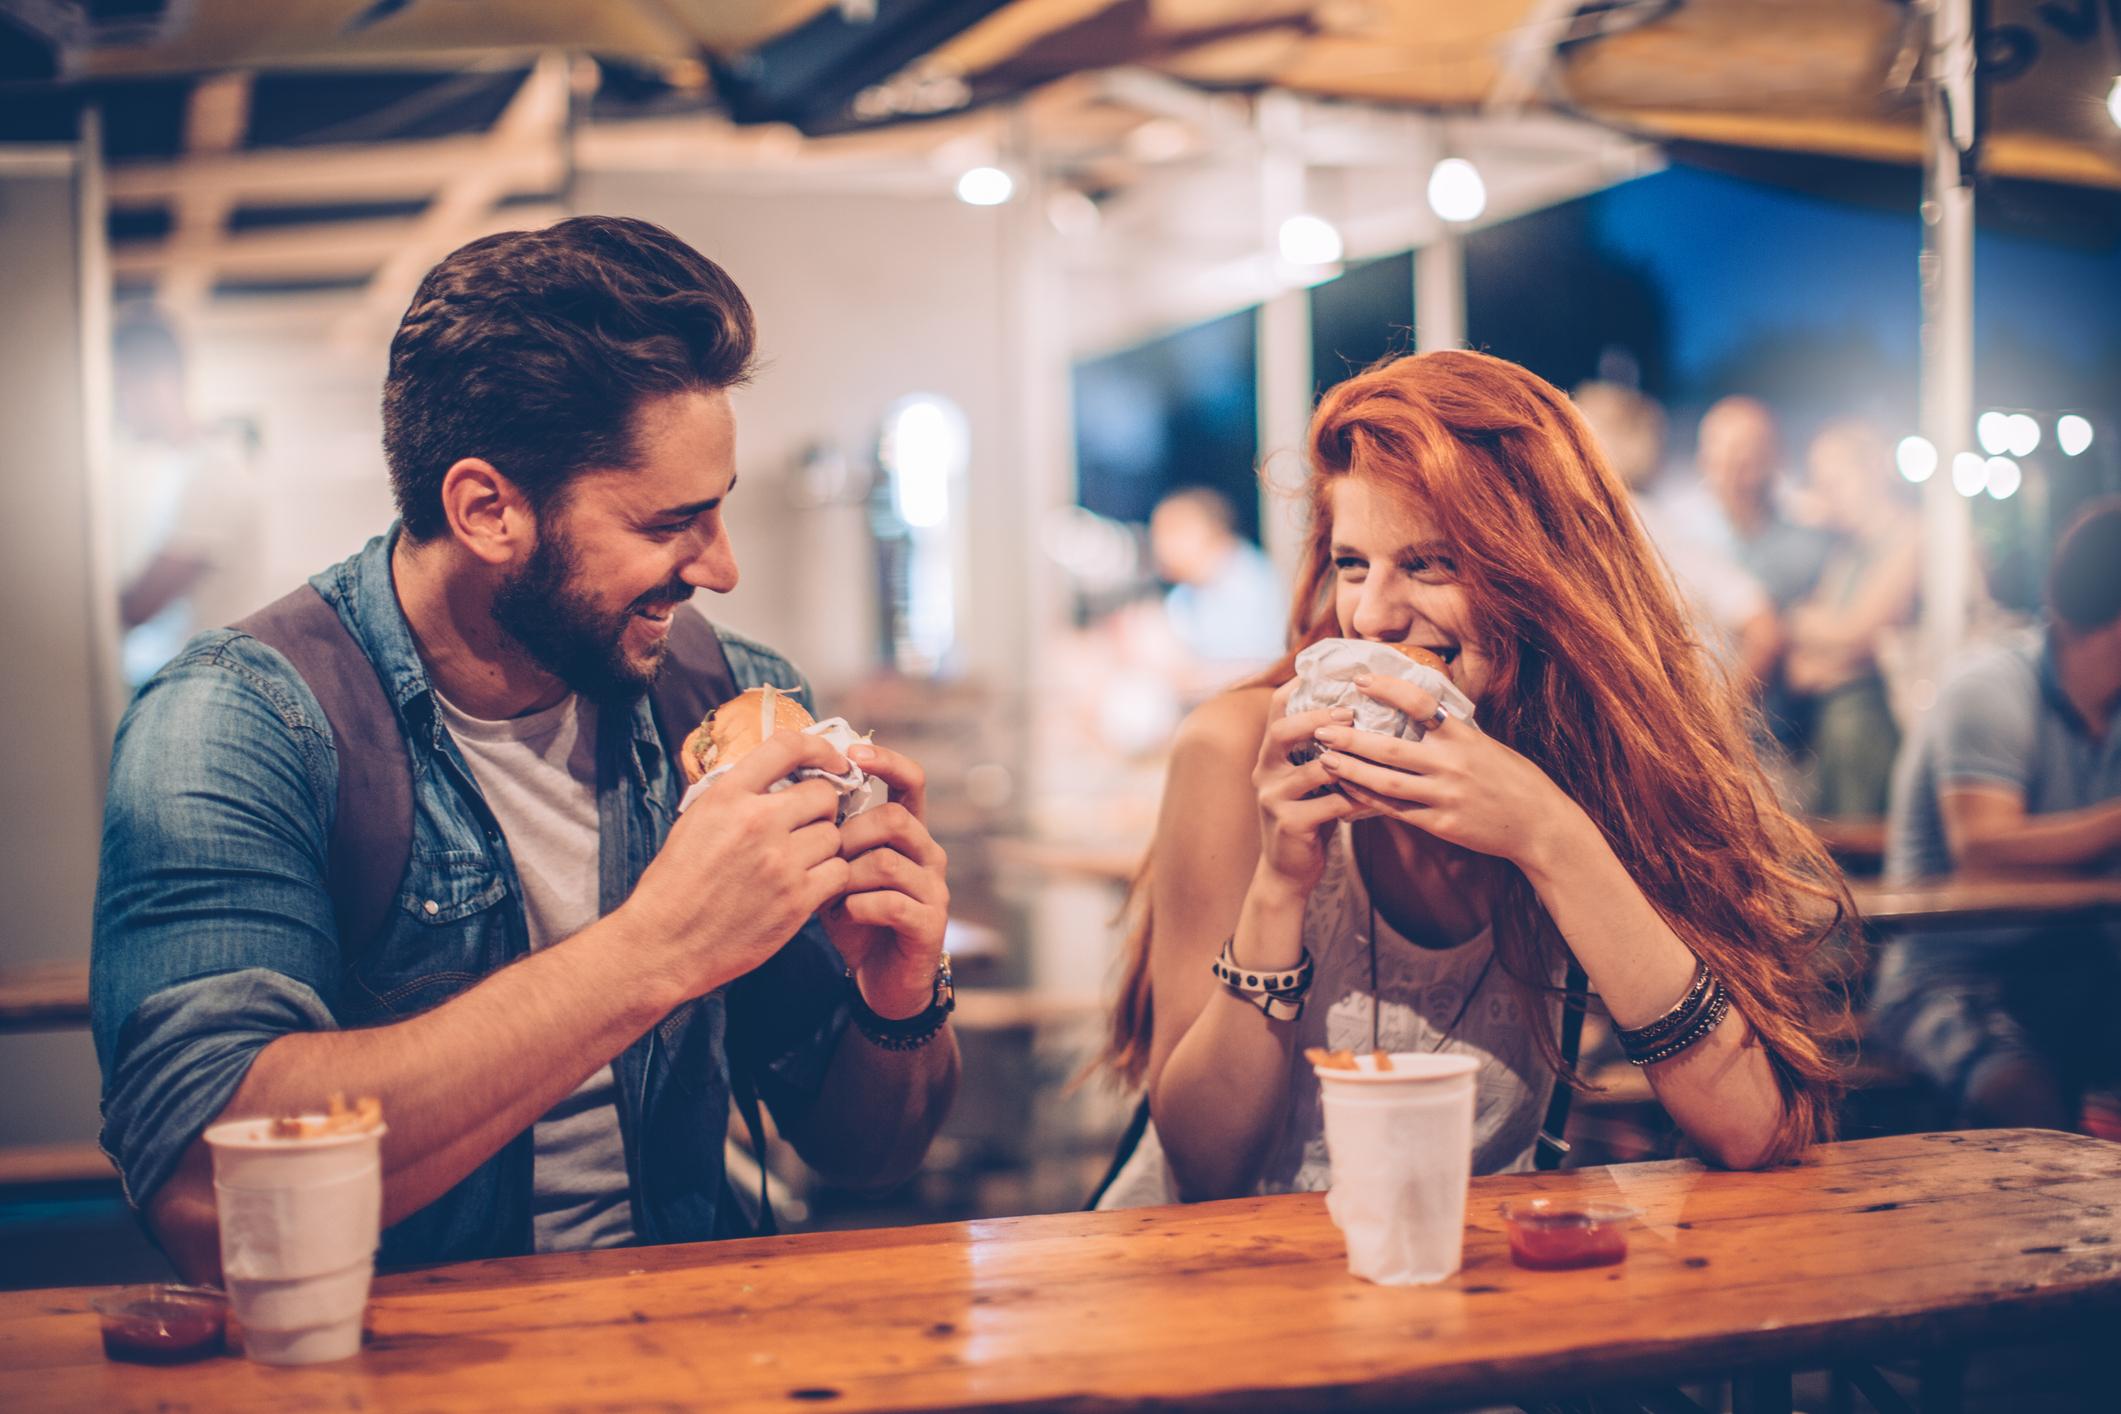 Получи се чудесна среща, не мислиш ли?<br /> Изискването за потвърждение е характерно за връзките като цяло. Винаги когато се чувстваме несигурни в себе си или в сигурността на отношенията с любимия ни, често прибягваме до подобен вид въпроси. По-добре не го правете.